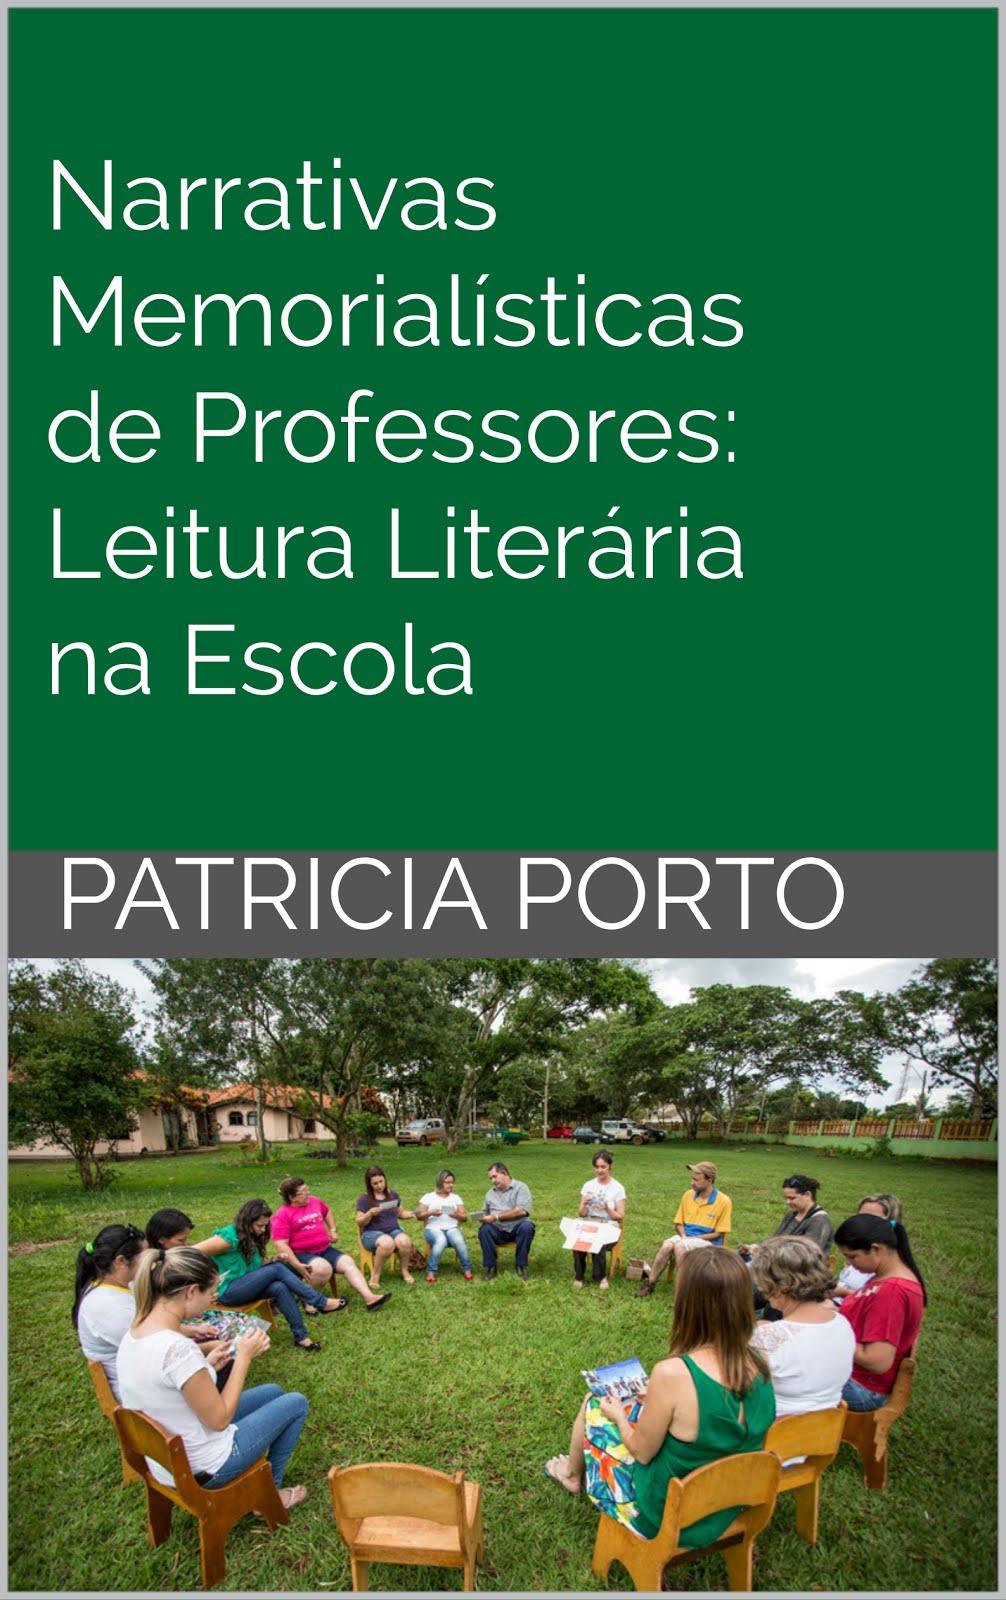 Lançamento: Narrativas Memorialísticas de Professores: Leitura Literária na Escola